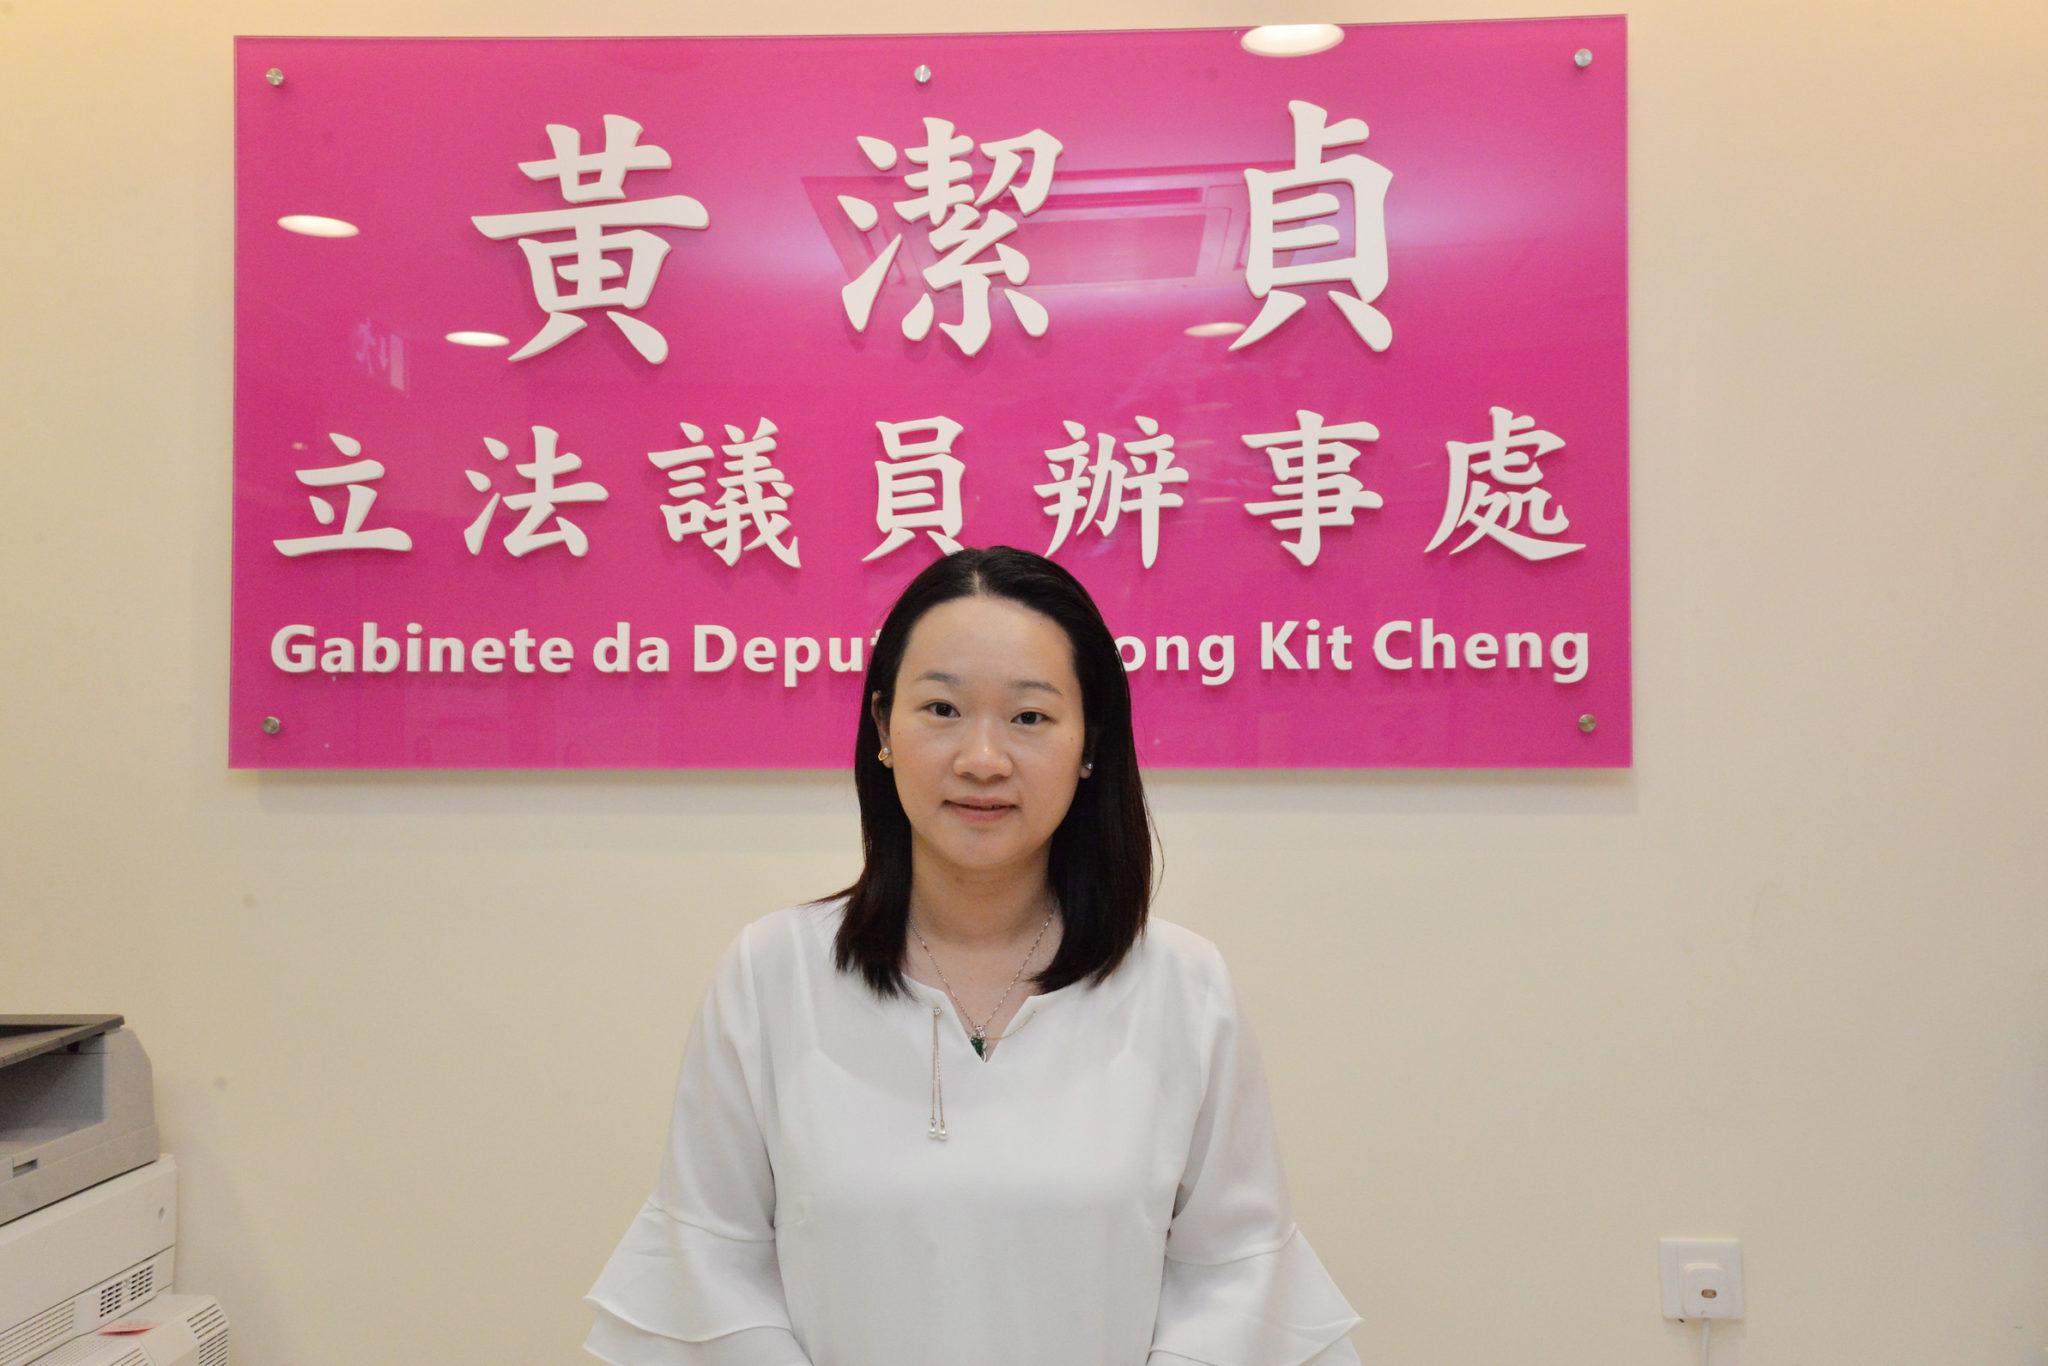 Habitação | Wong Kit Cheng quer mais informação sobre casas para troca